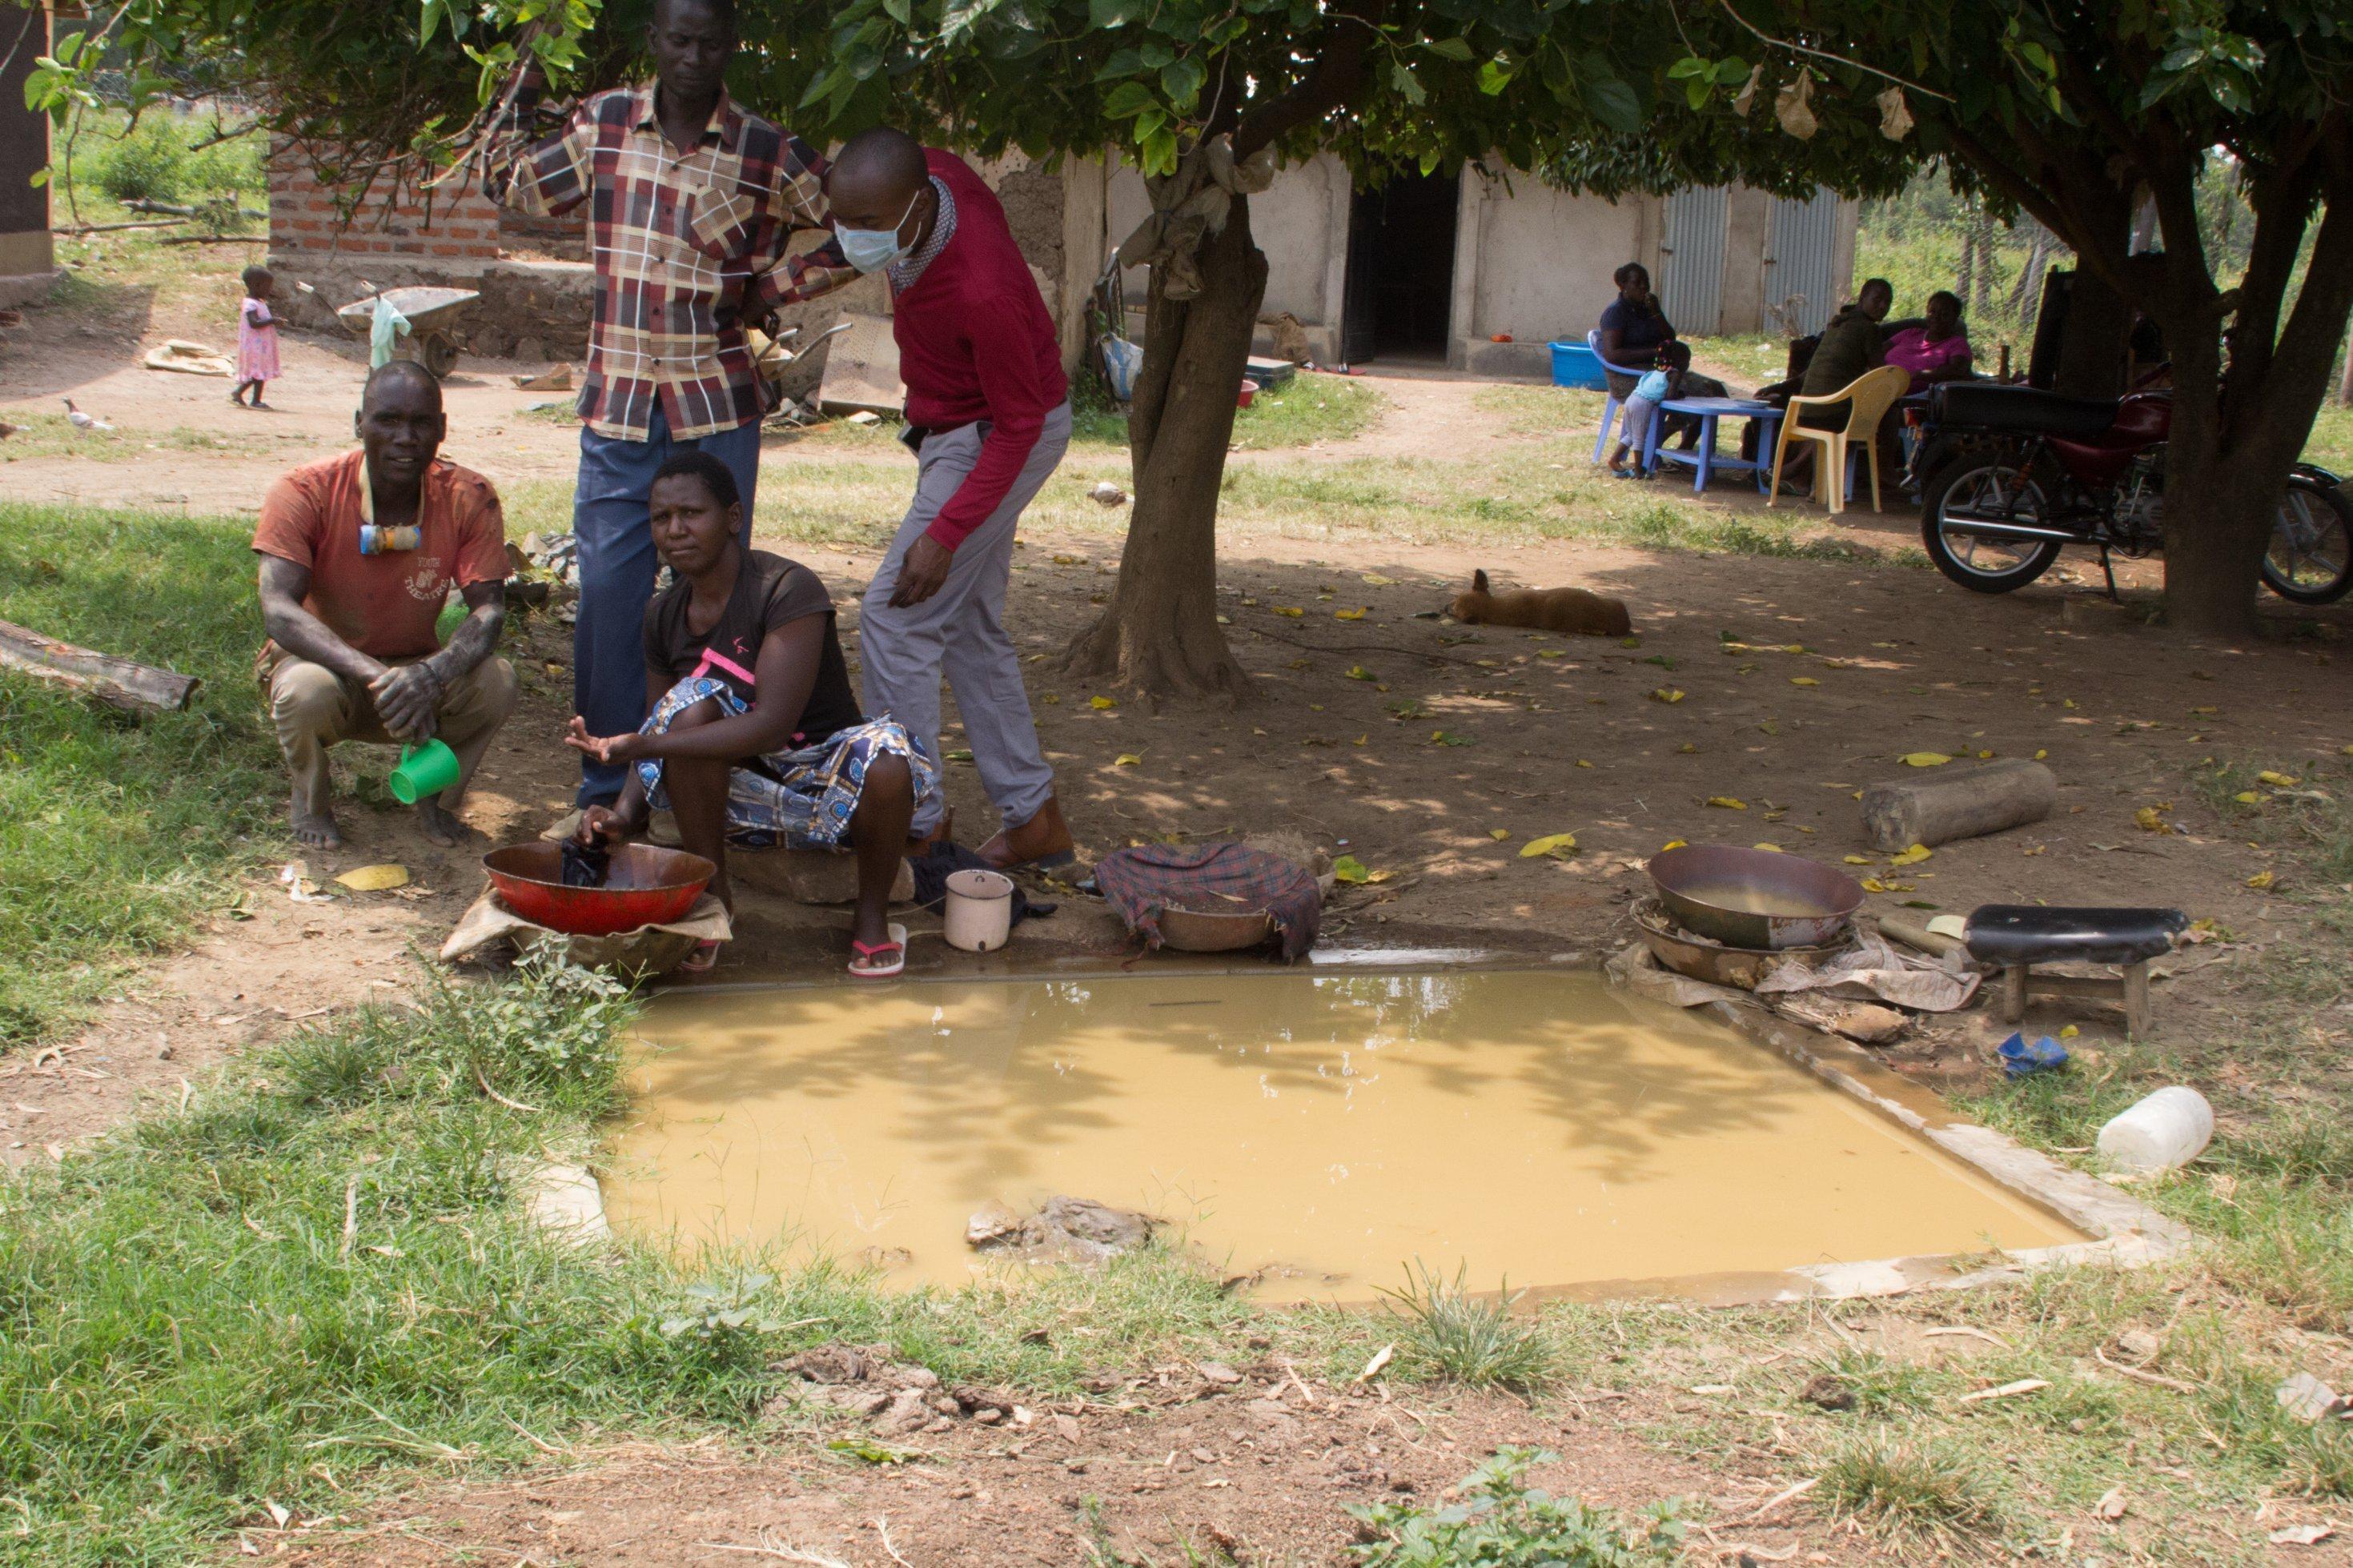 Einige Goldwäscherinnen und Goldwäscher hocken vor einer Wasserstelle. Den Staub aus dem Erdreich waschen sie mit quecksilberhaltigem Wasser.